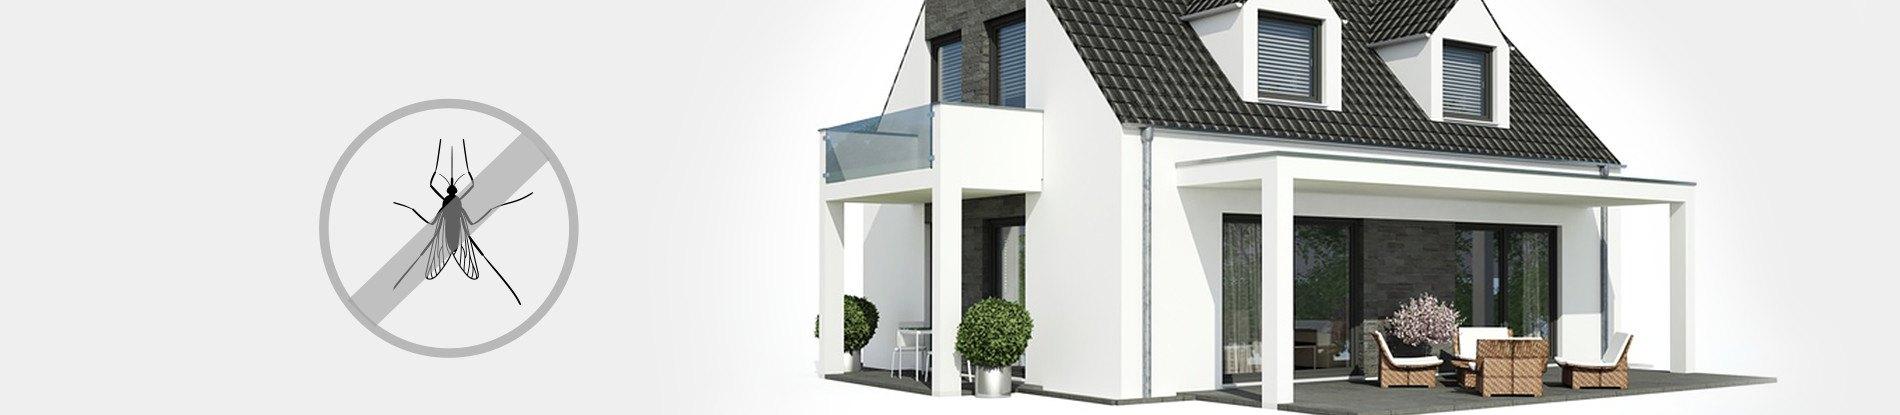 insektenschutz f r fenster nach ma ohne bohren. Black Bedroom Furniture Sets. Home Design Ideas